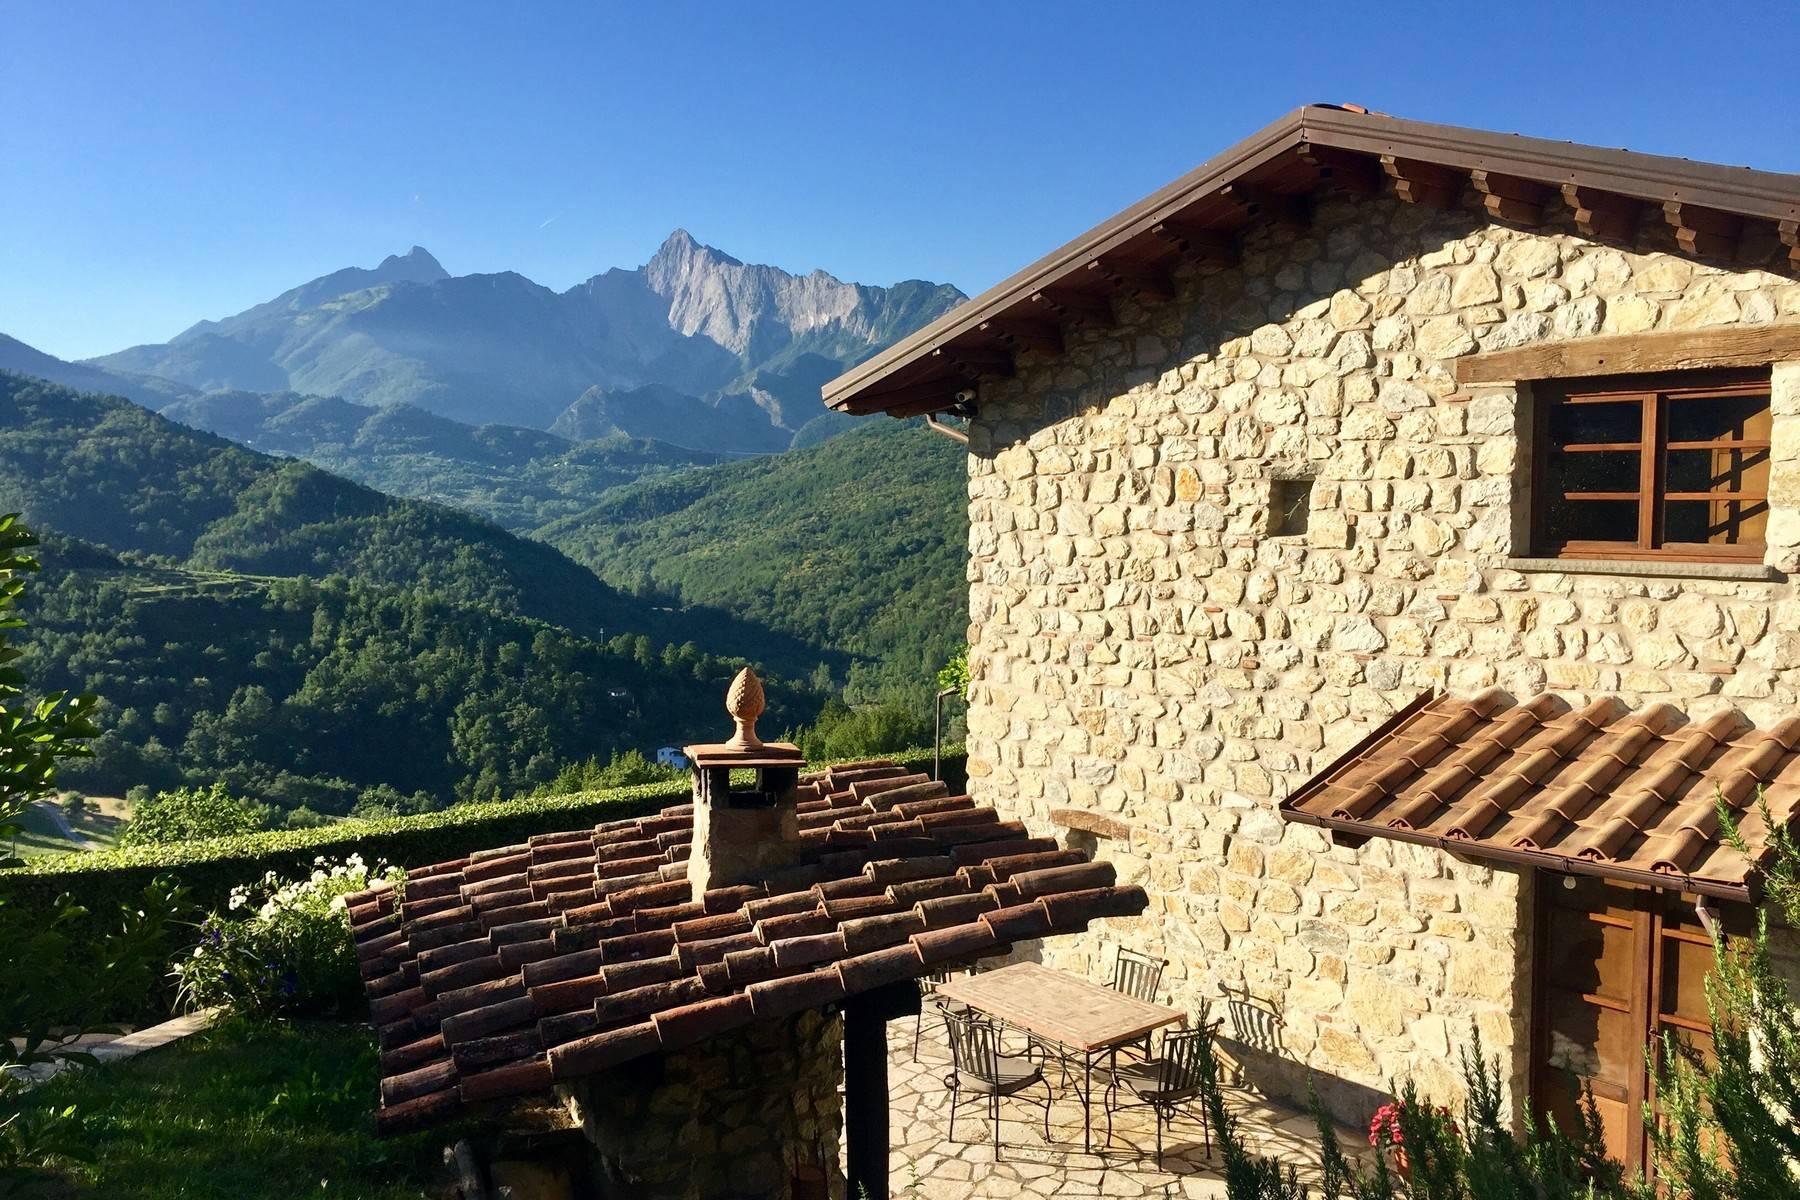 Rustico in Vendita a Fivizzano: 5 locali, 200 mq - Foto 16